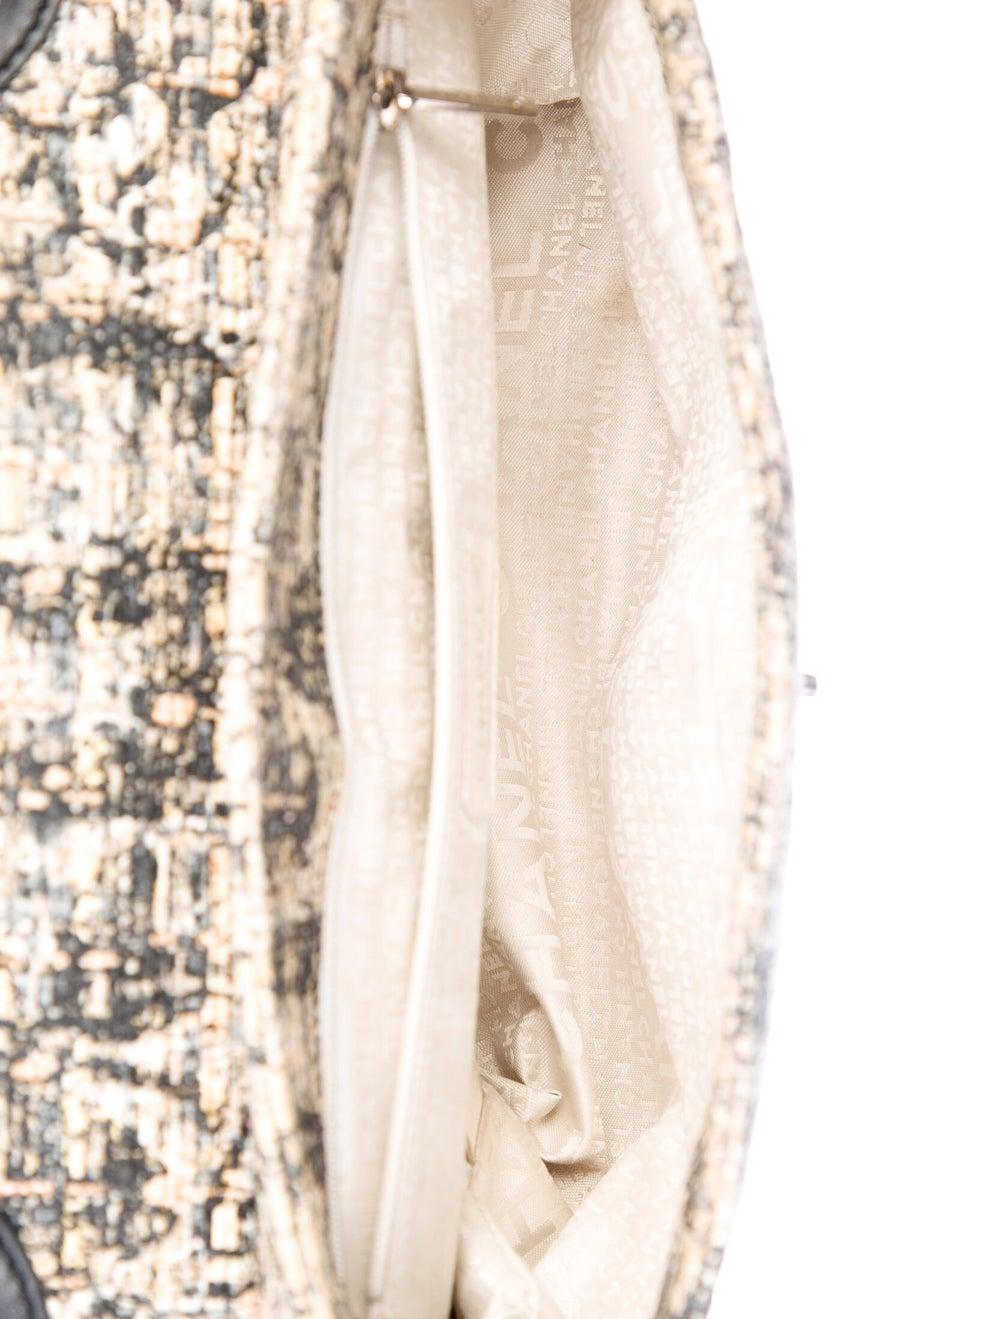 Chanel Tweed Shoulder Bag Silver - image 5